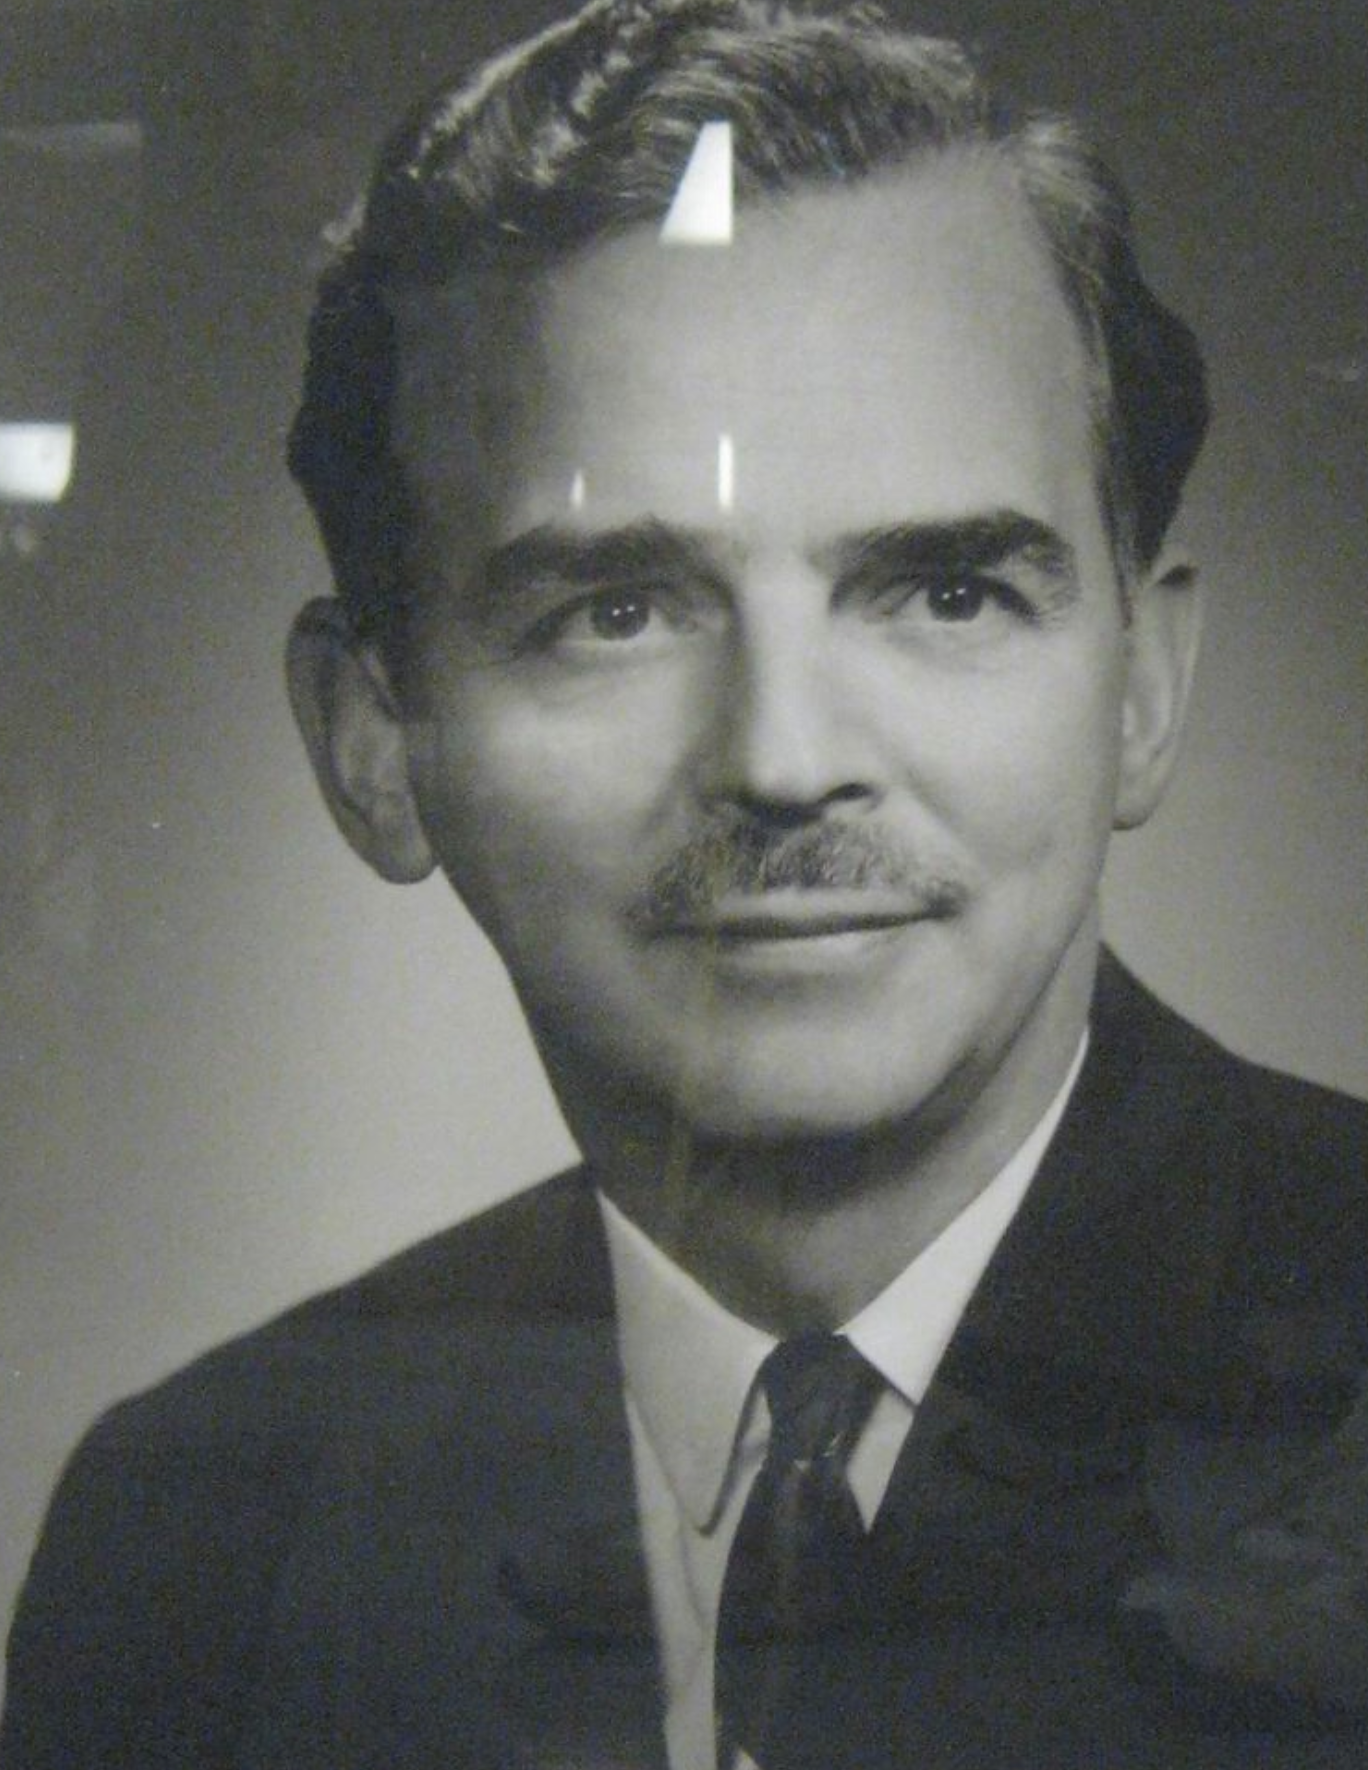 More<br>1951-1966